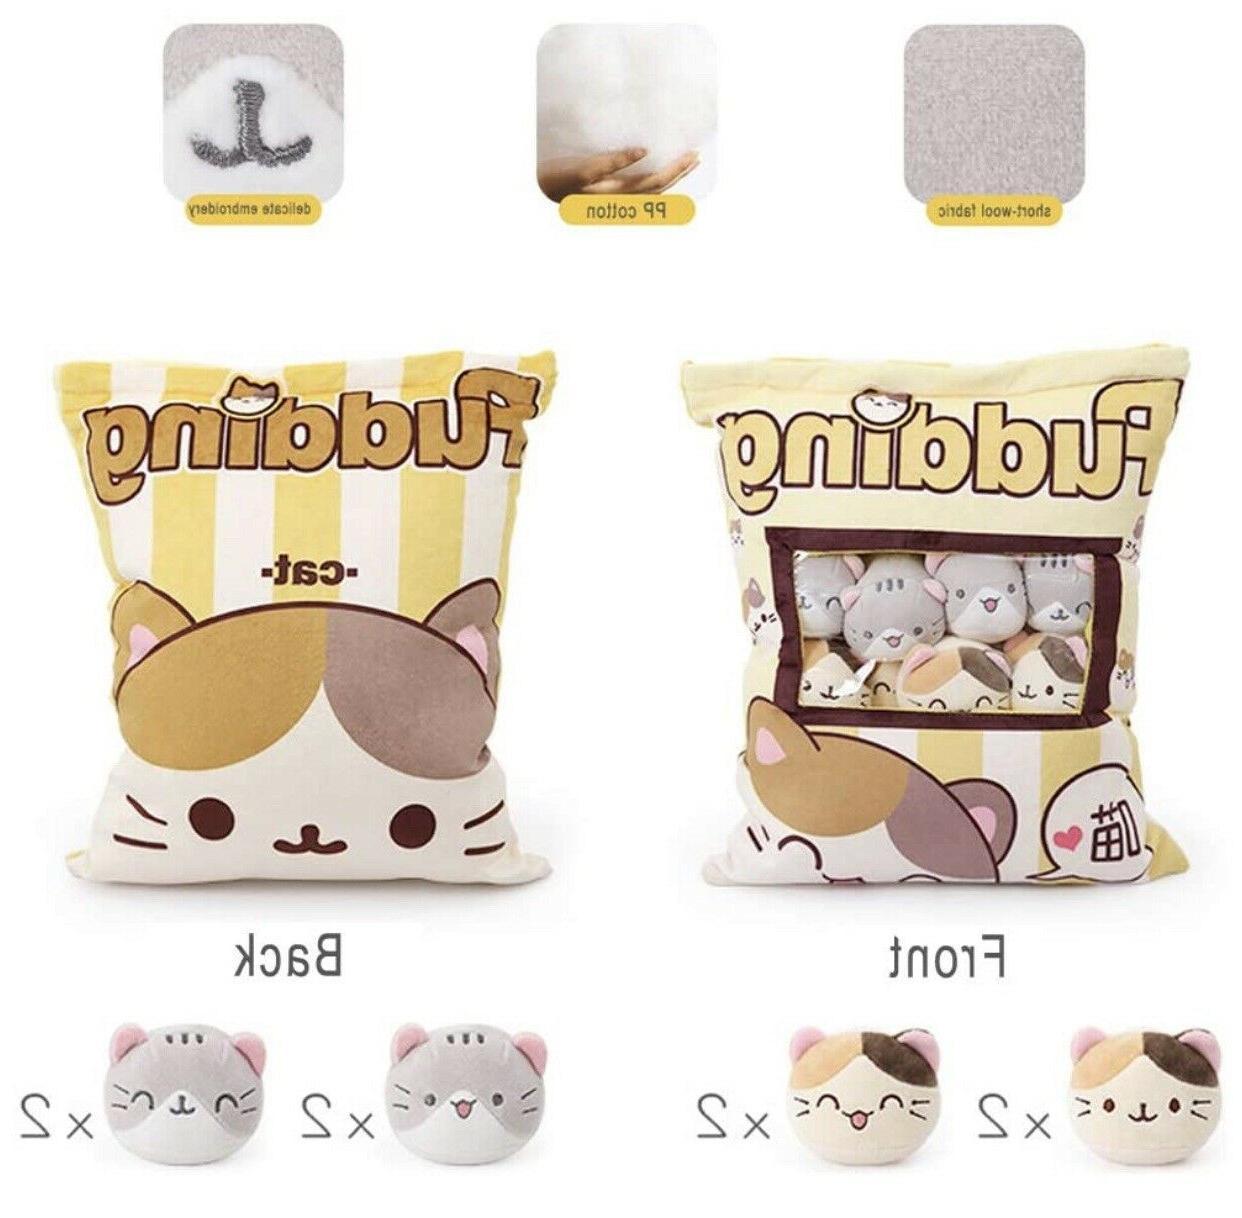 Cute Fluffy Pillow Bag of